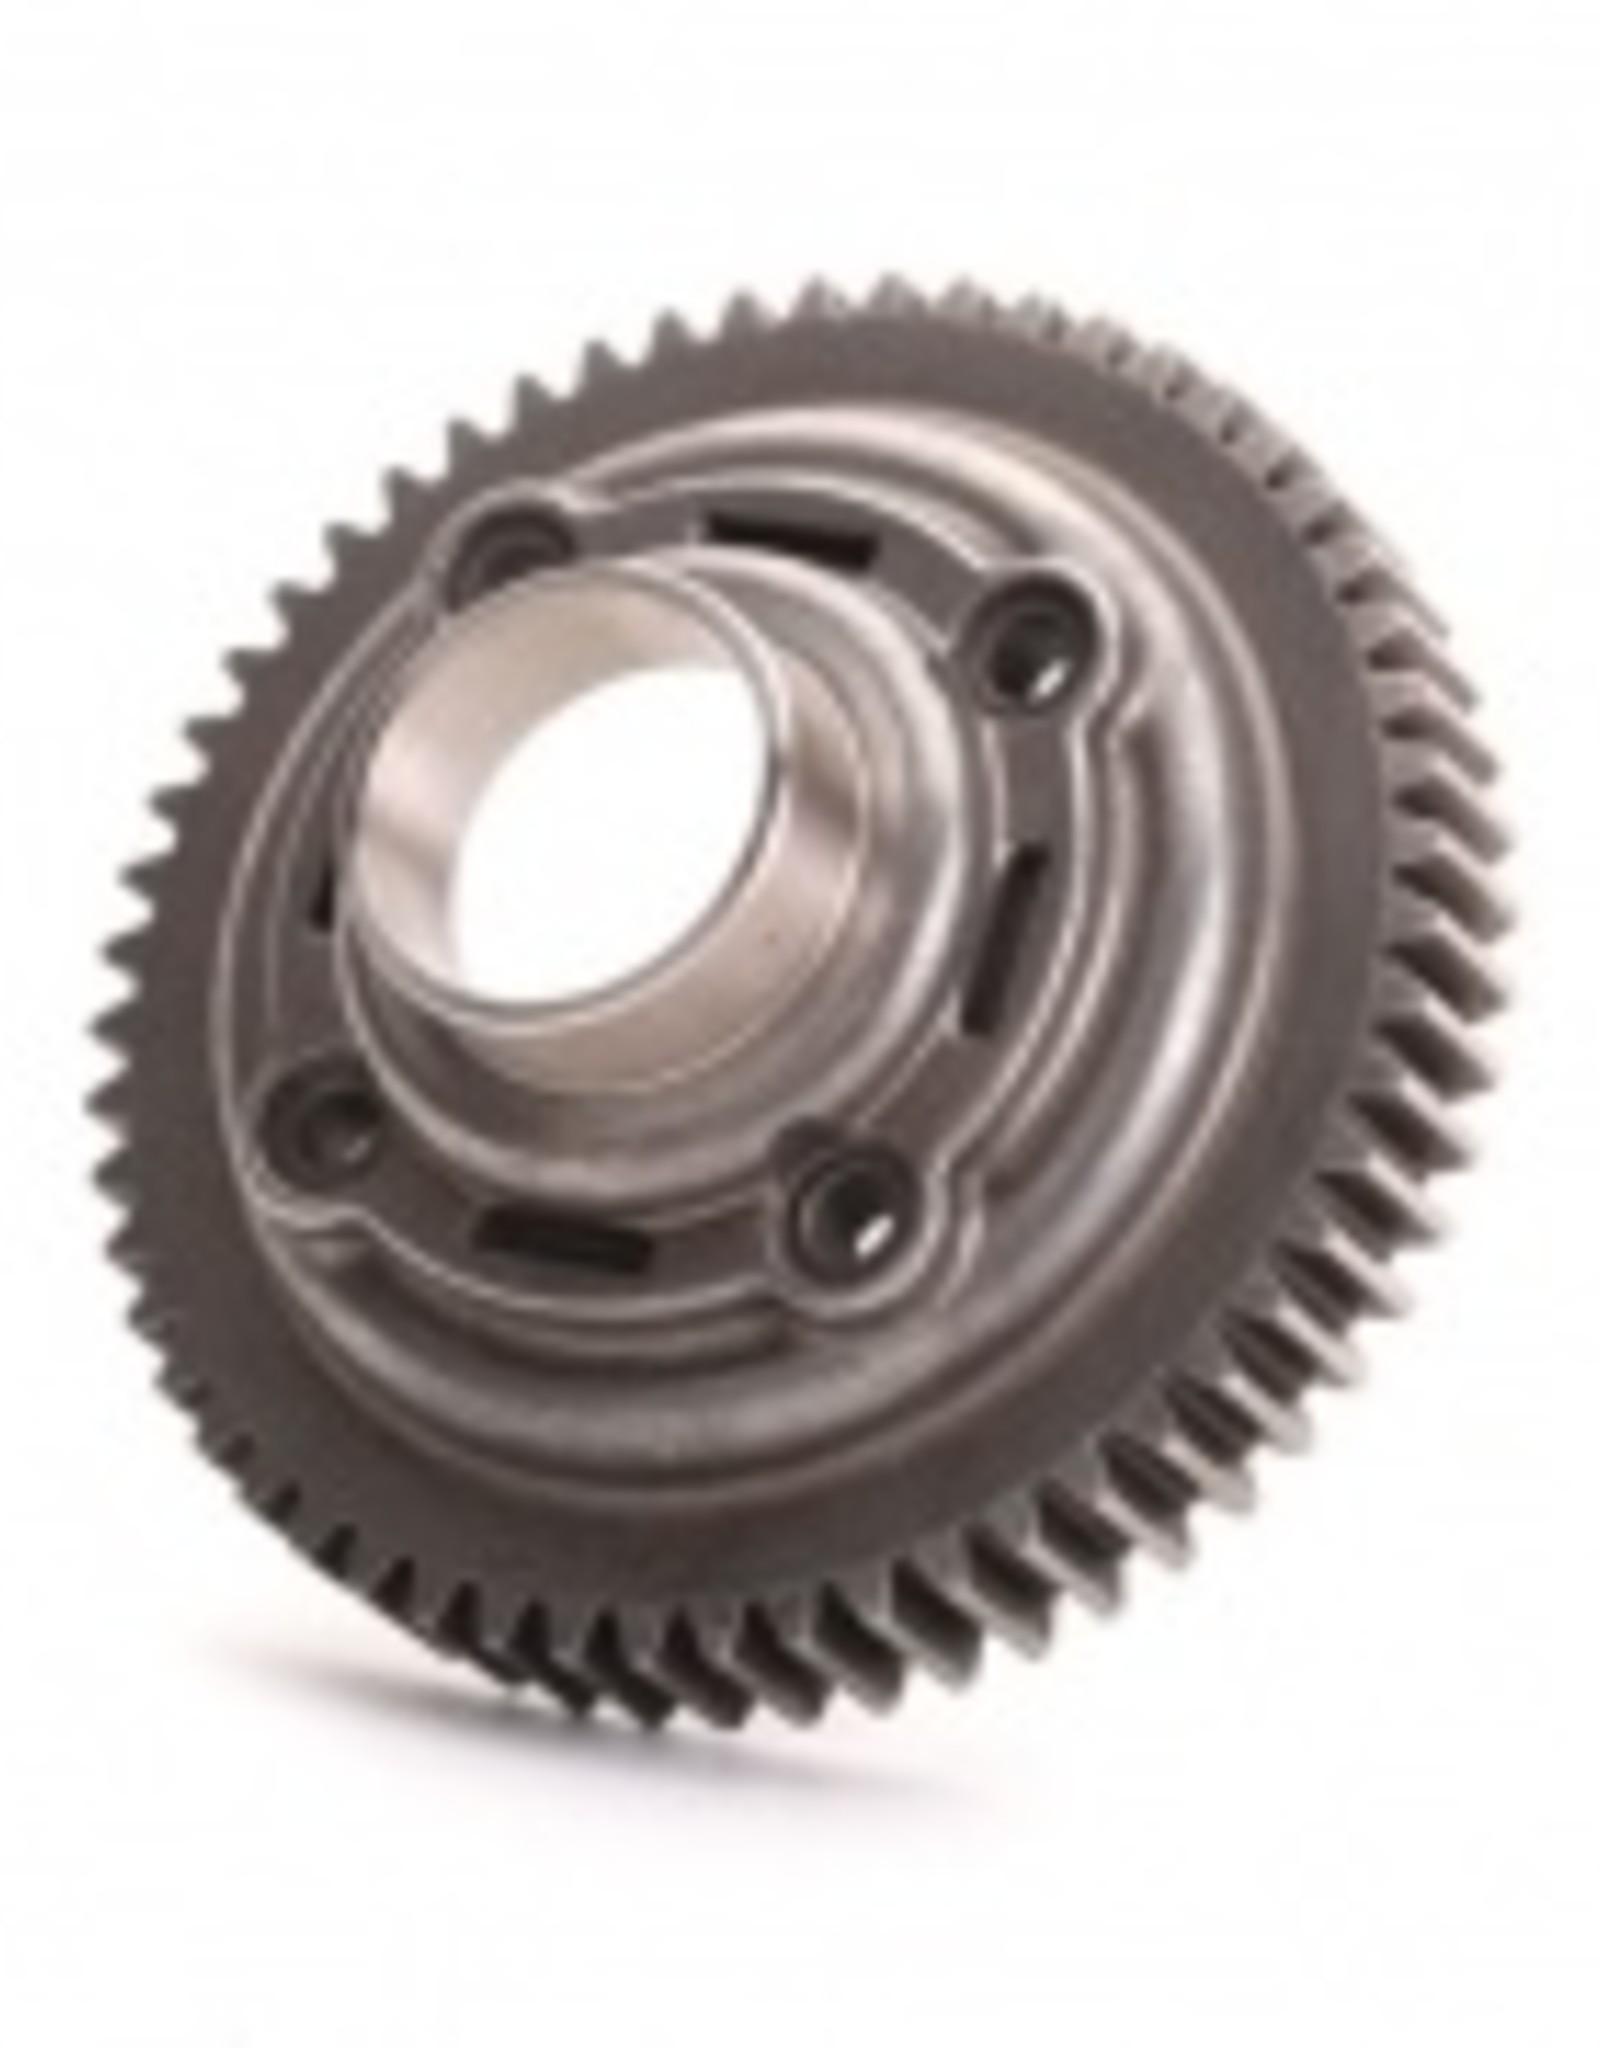 Traxxas Traxxas Unlimited Desert Racer Gear, center differential, 55-tooth (spur gear)